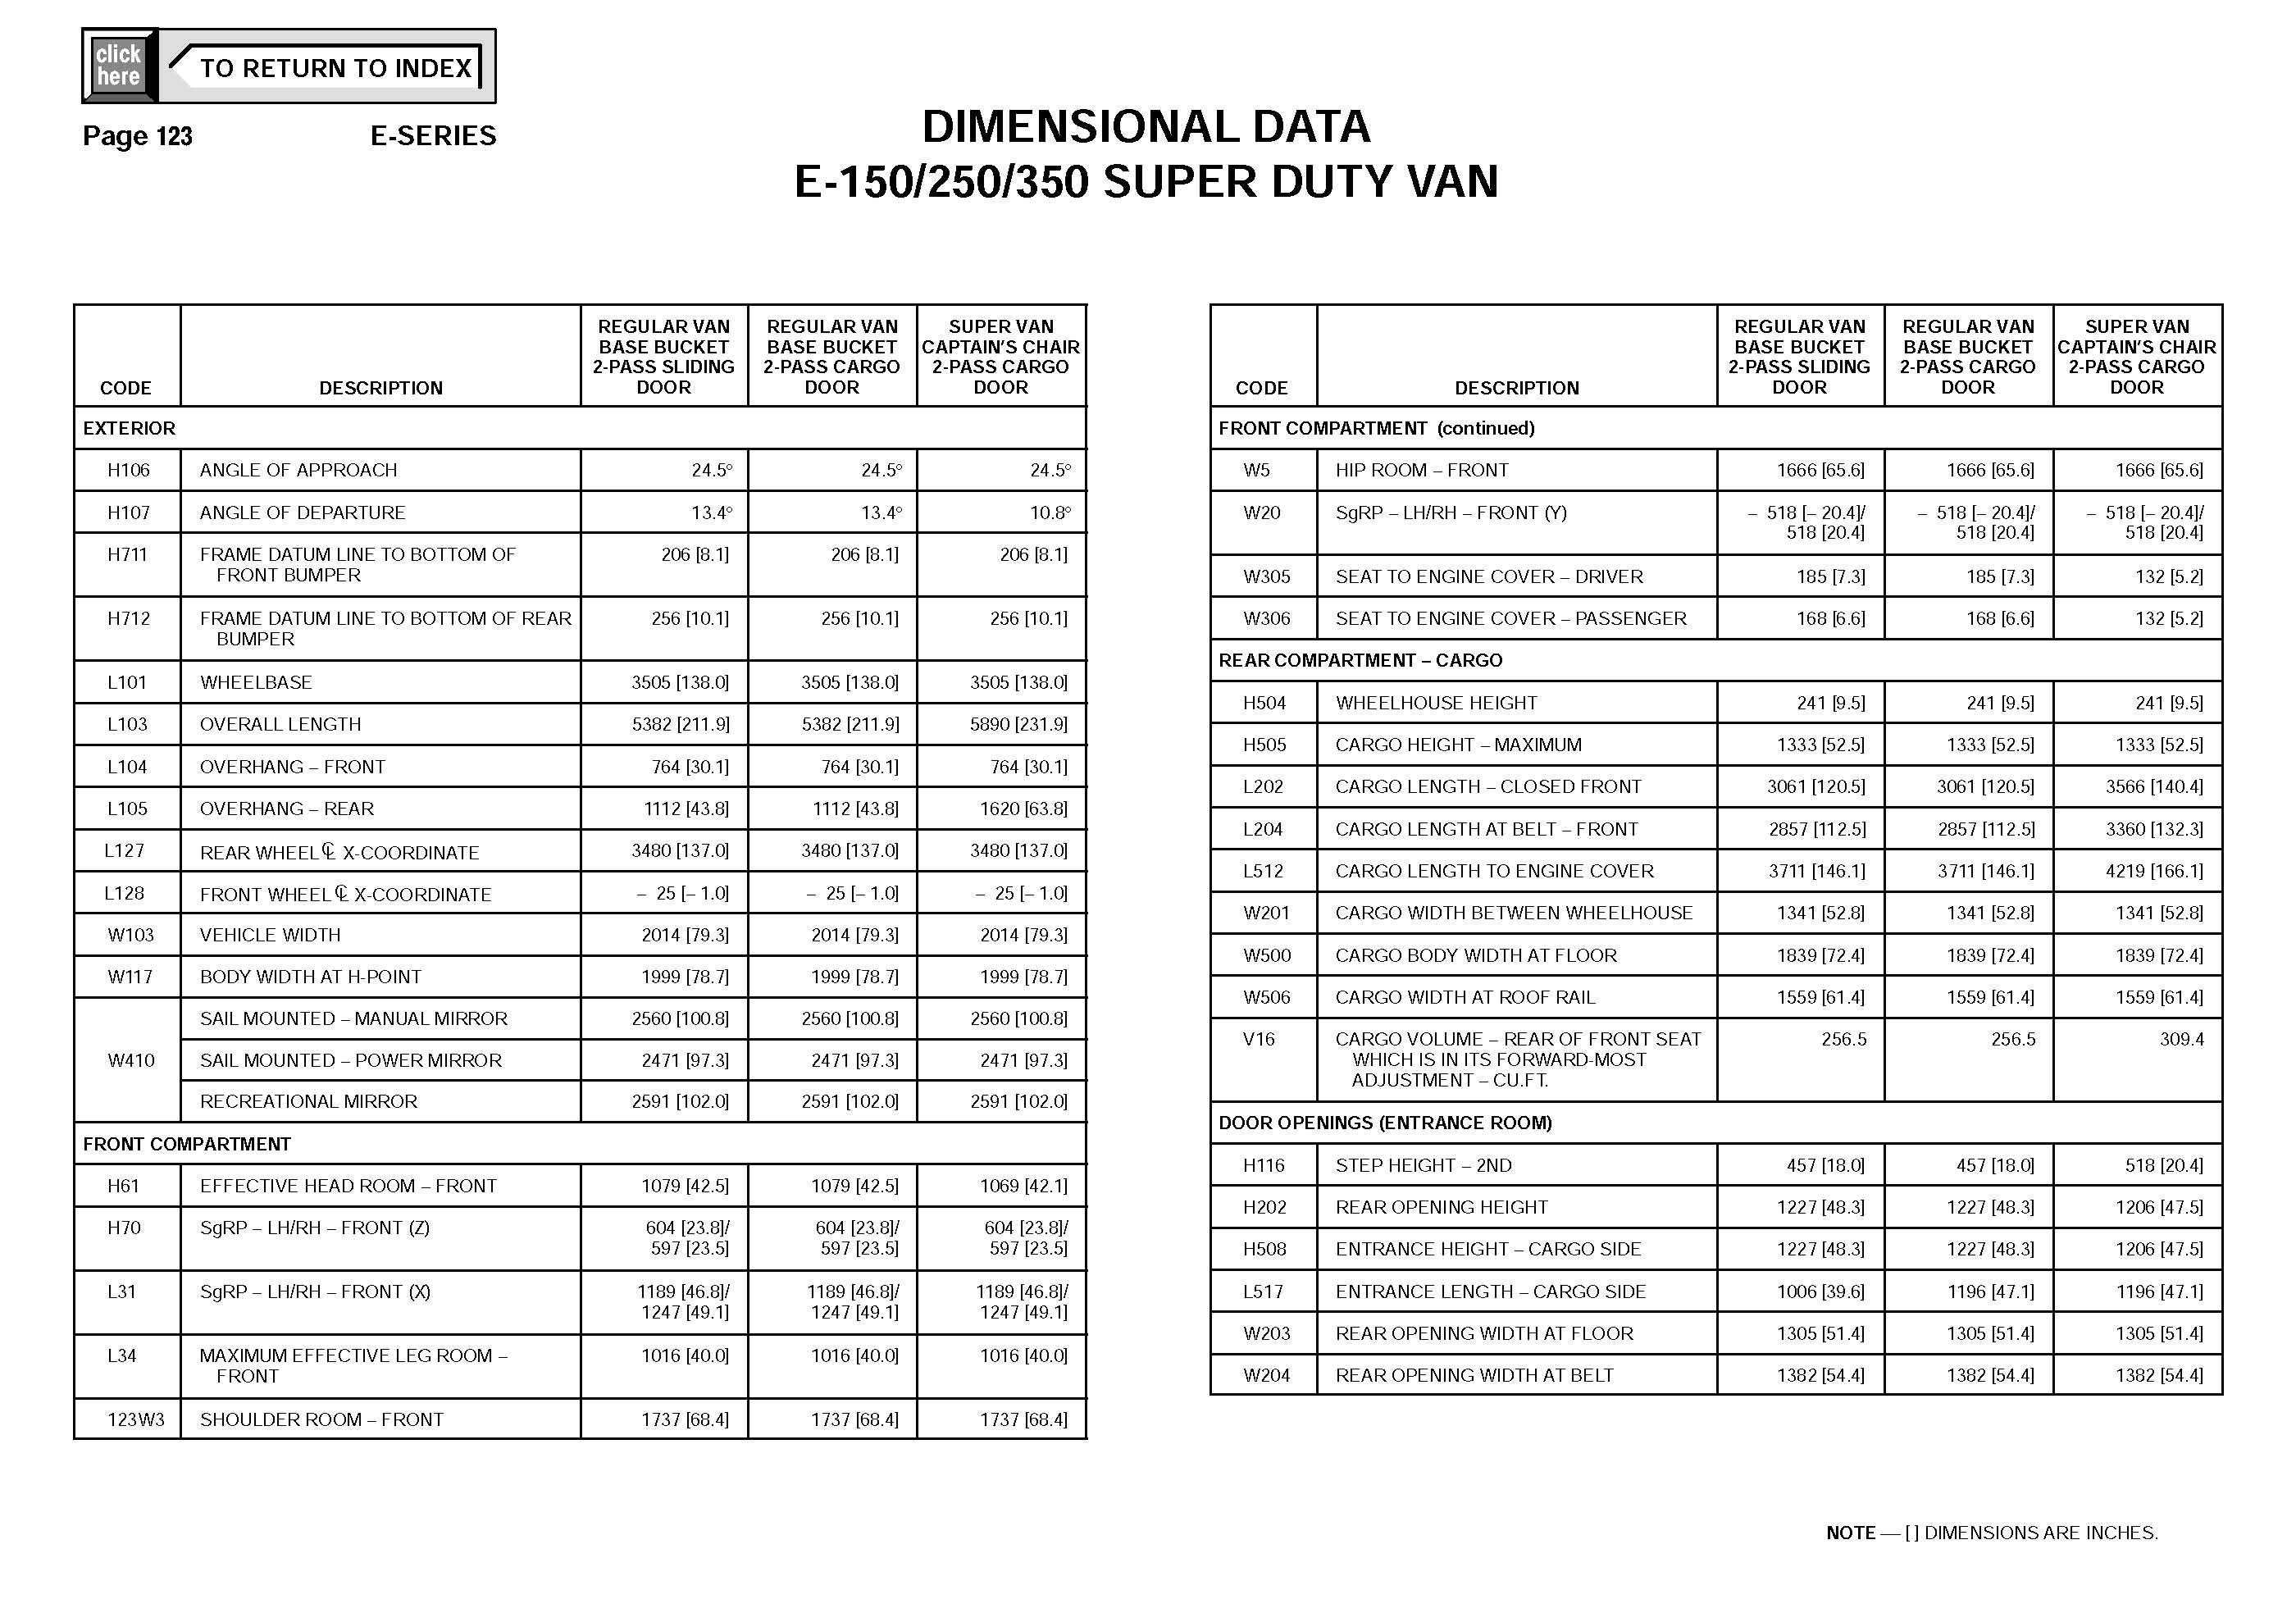 Ford Econoline E350 Van DIMENSIONAL DATA_Seite_8